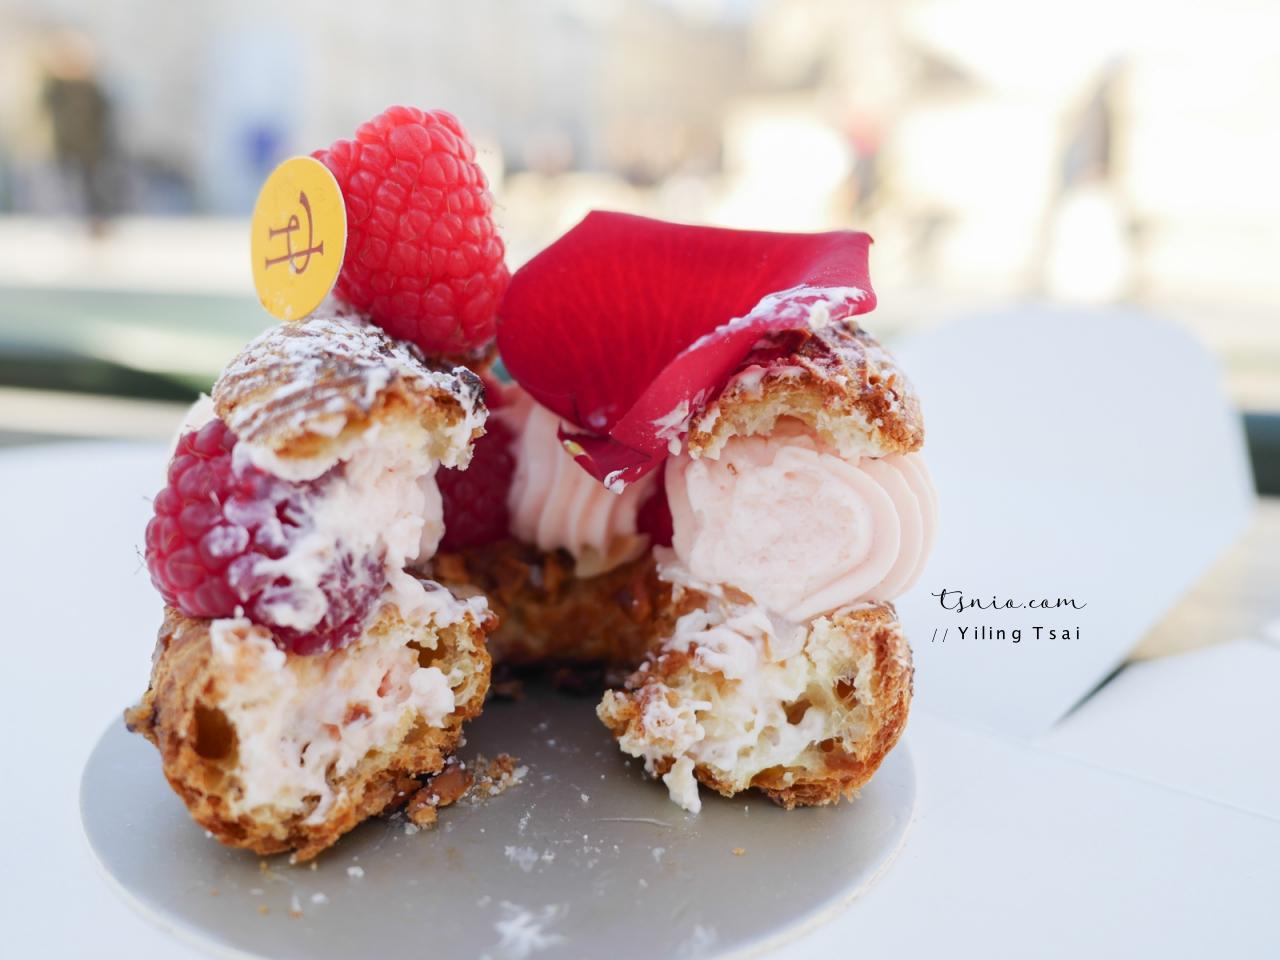 法國巴黎甜點推薦 Pierre Hermé Paris 心目中全世界最好吃的馬卡隆